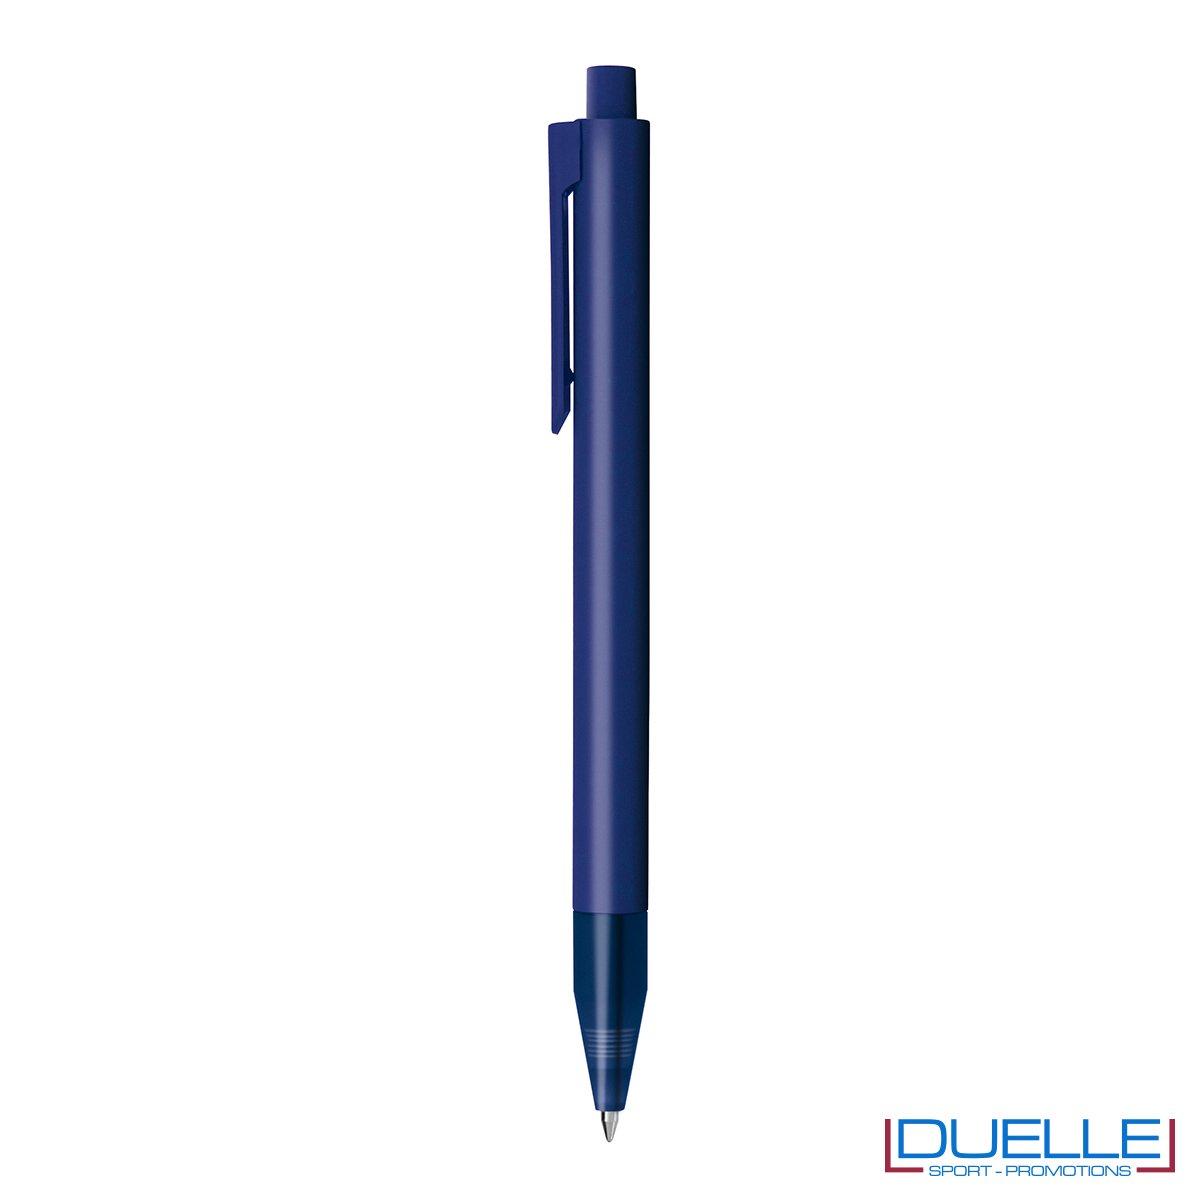 Penna personalizzata in plastica colorata blu